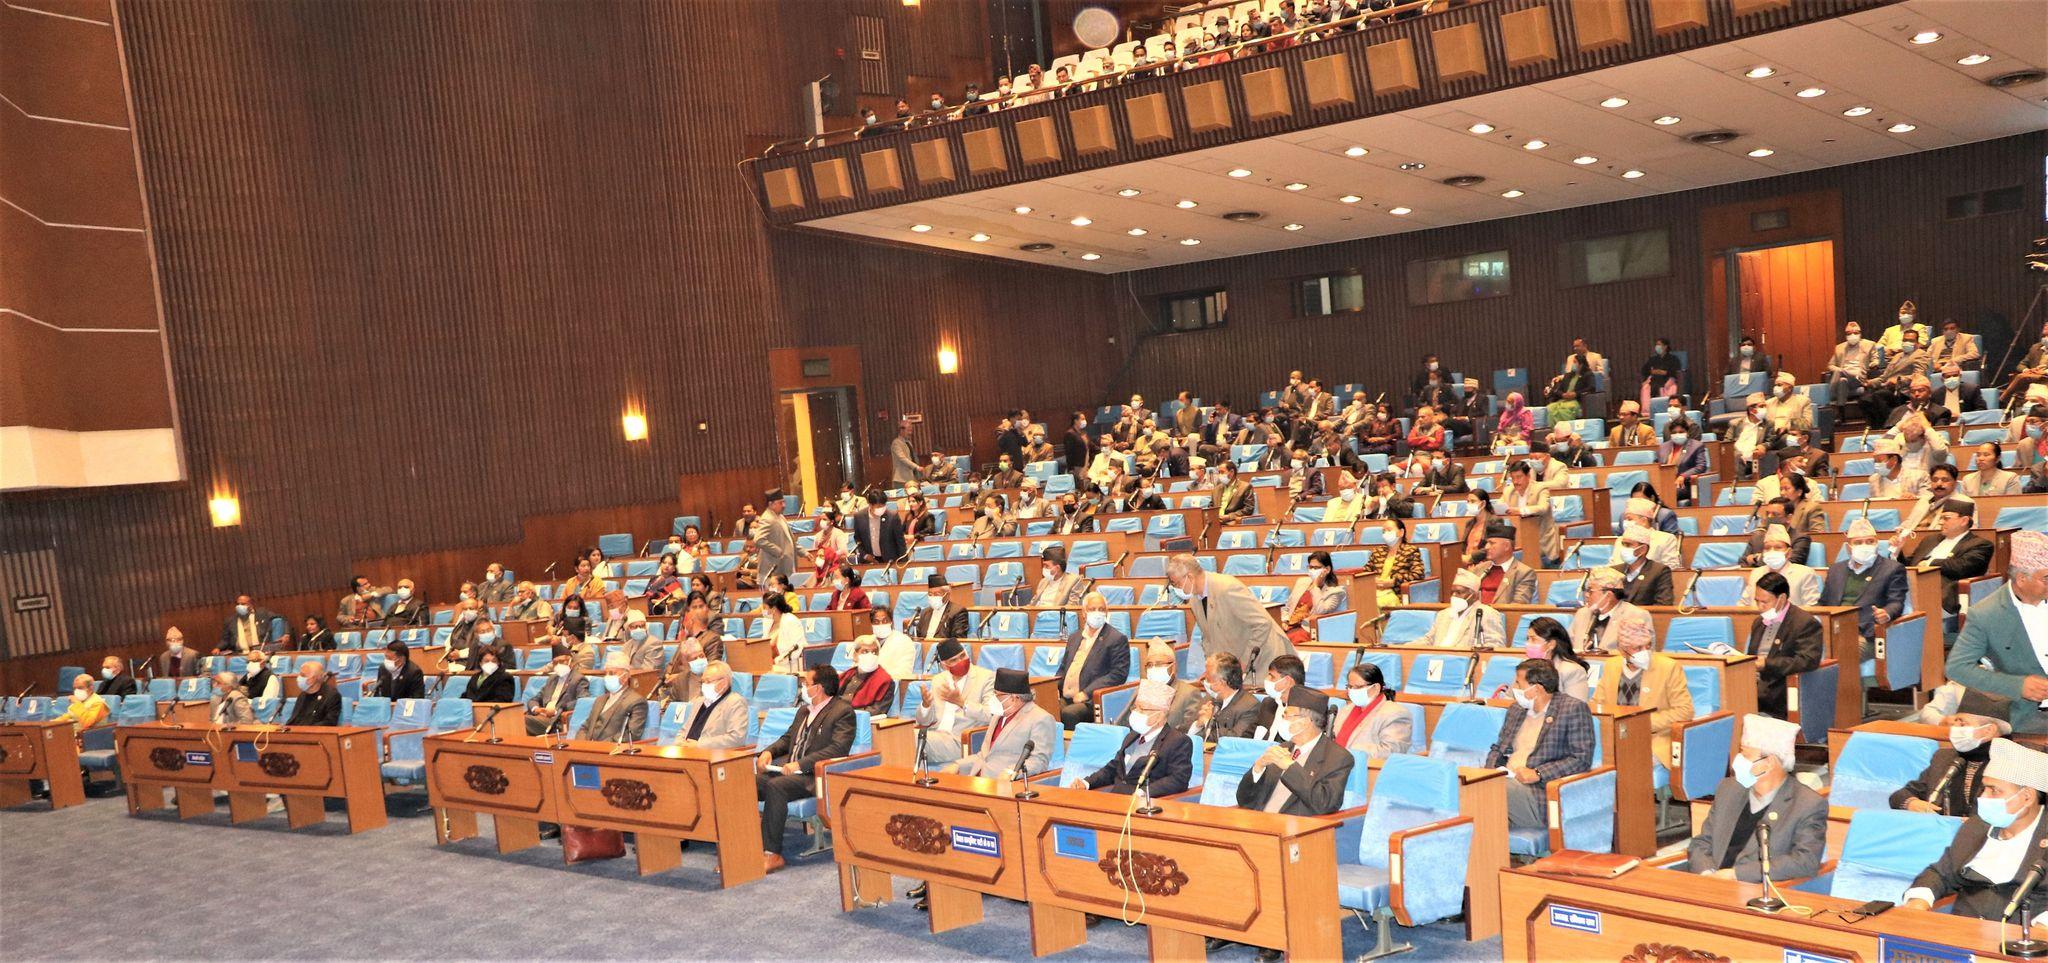 कांग्रेसकोको नाराबाजी: संसद् बैठक १० मिनेटका लागि स्थगित